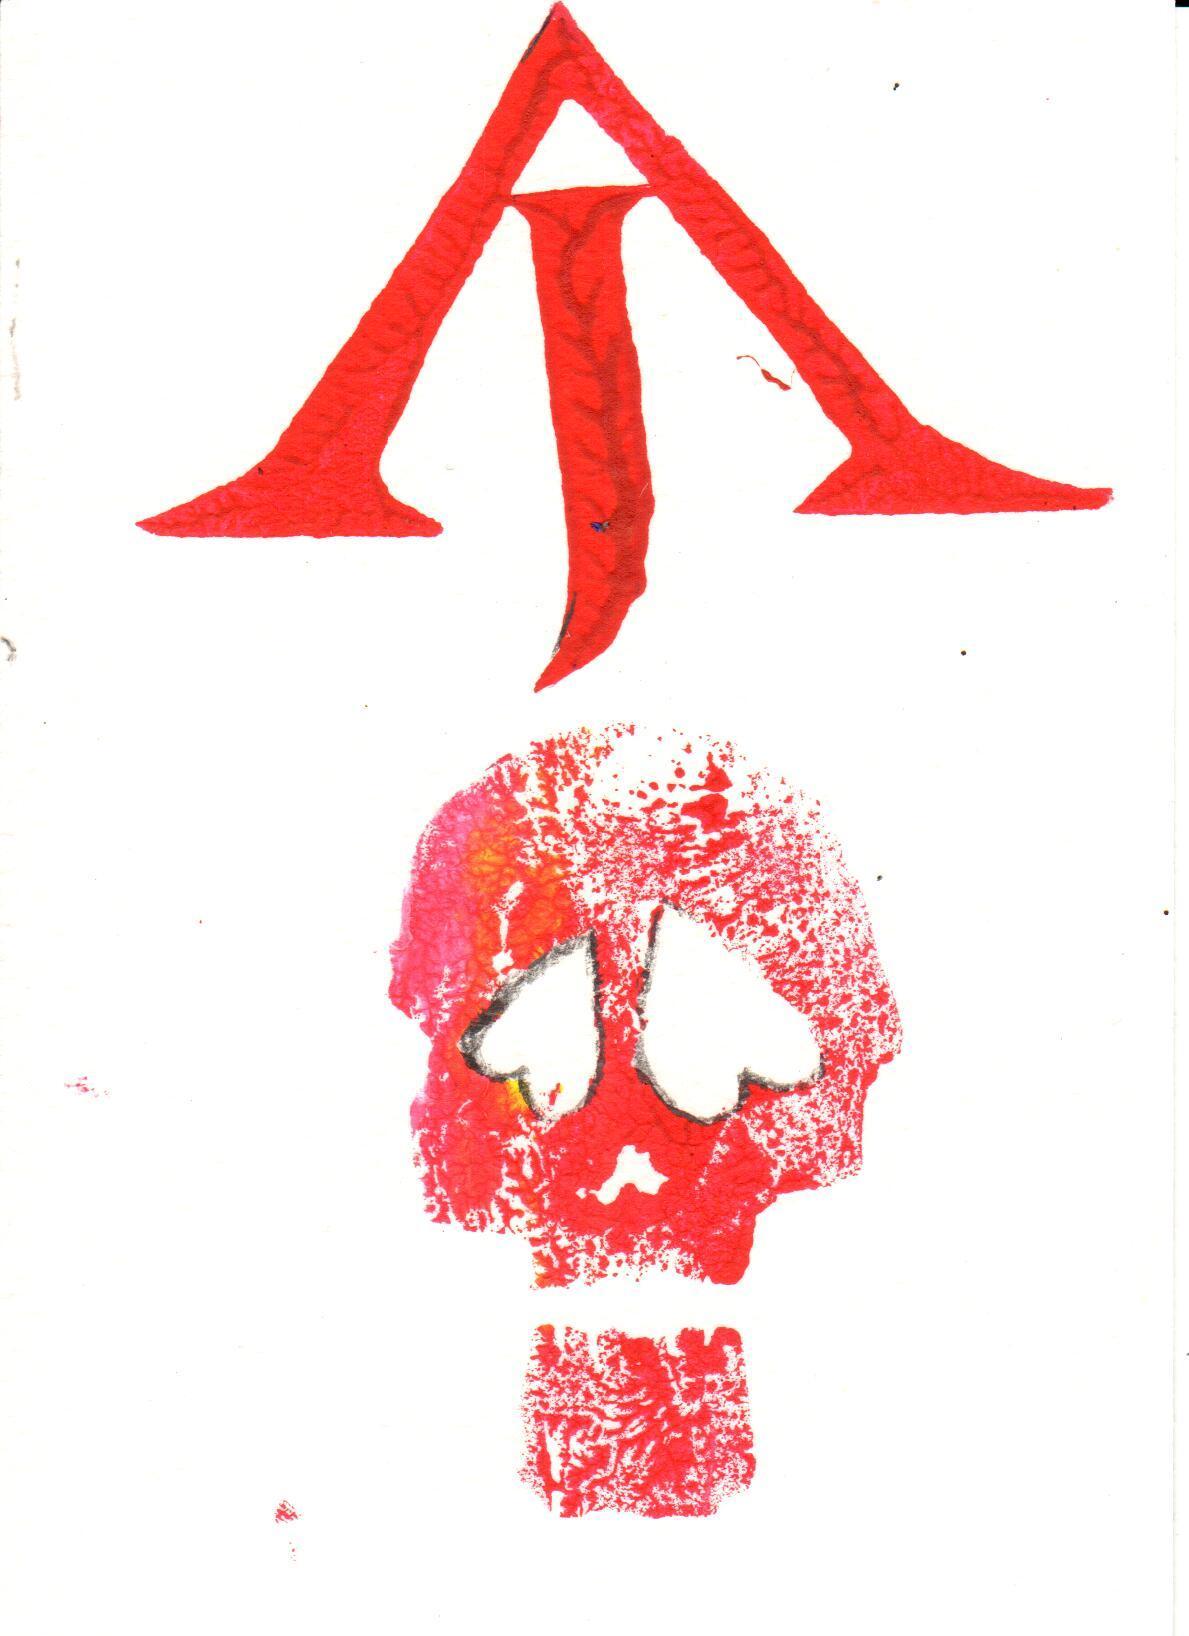 Anand Jon Red Skull.jpg